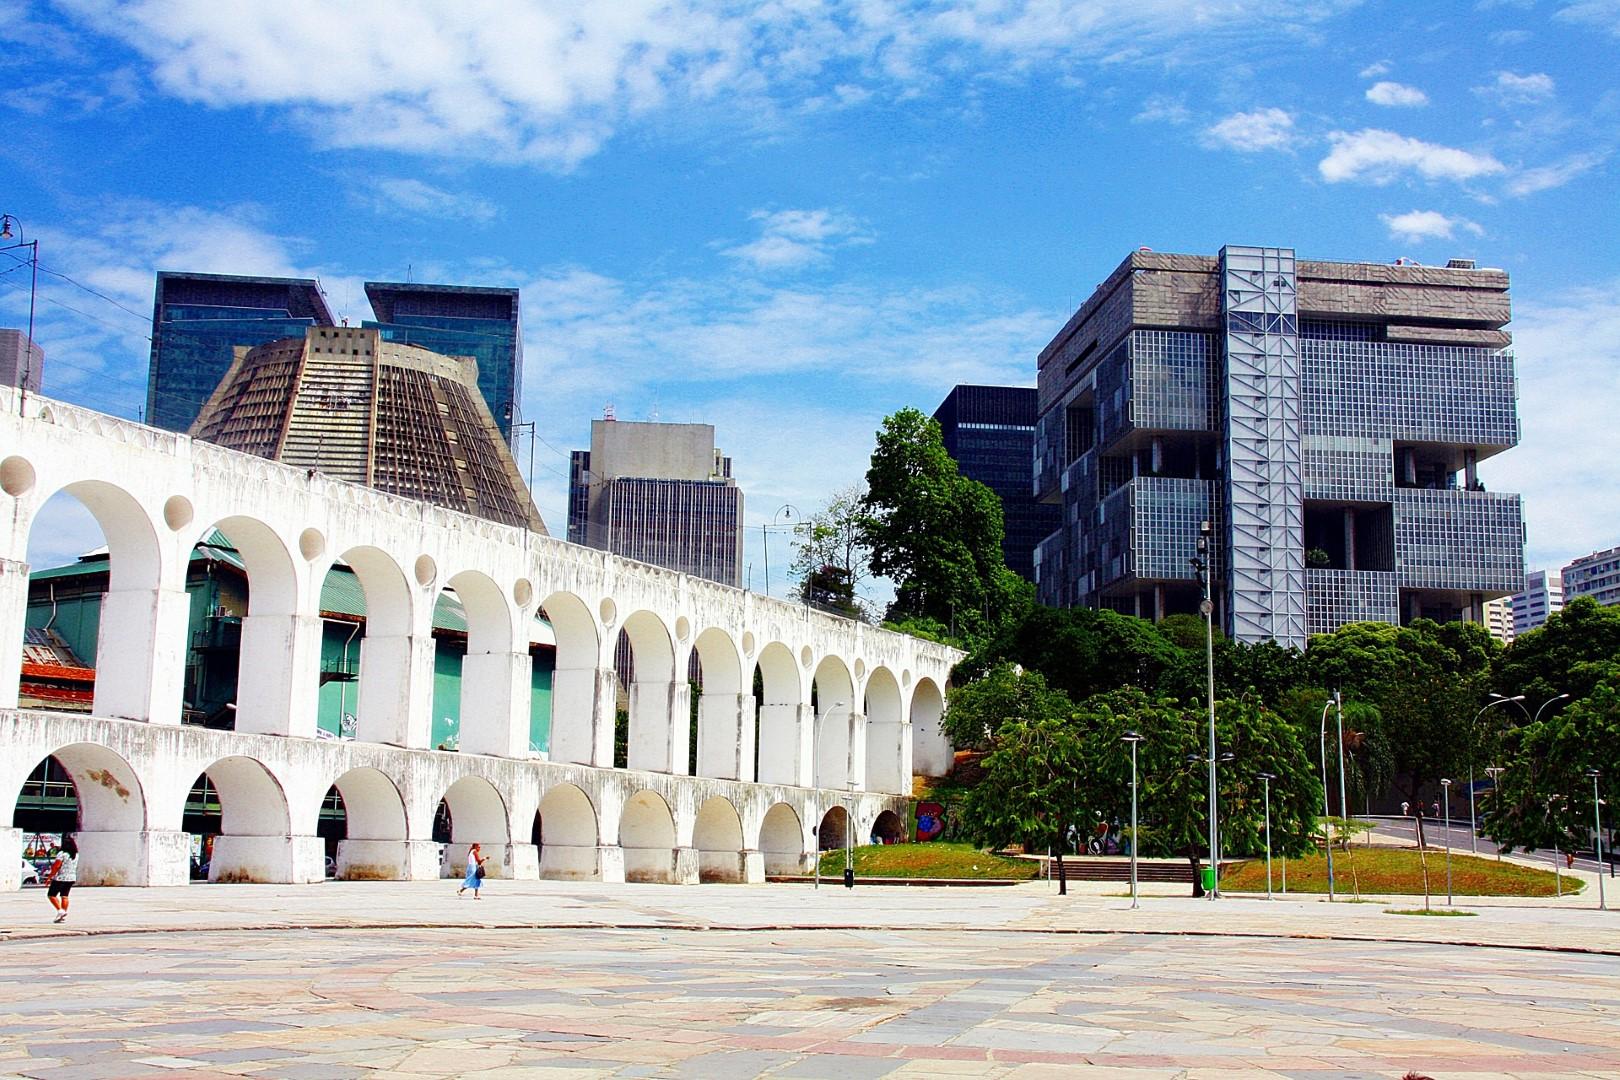 Gerenciamento de Redes Sociais em Maracanã – Rio de Janeiro – RJ